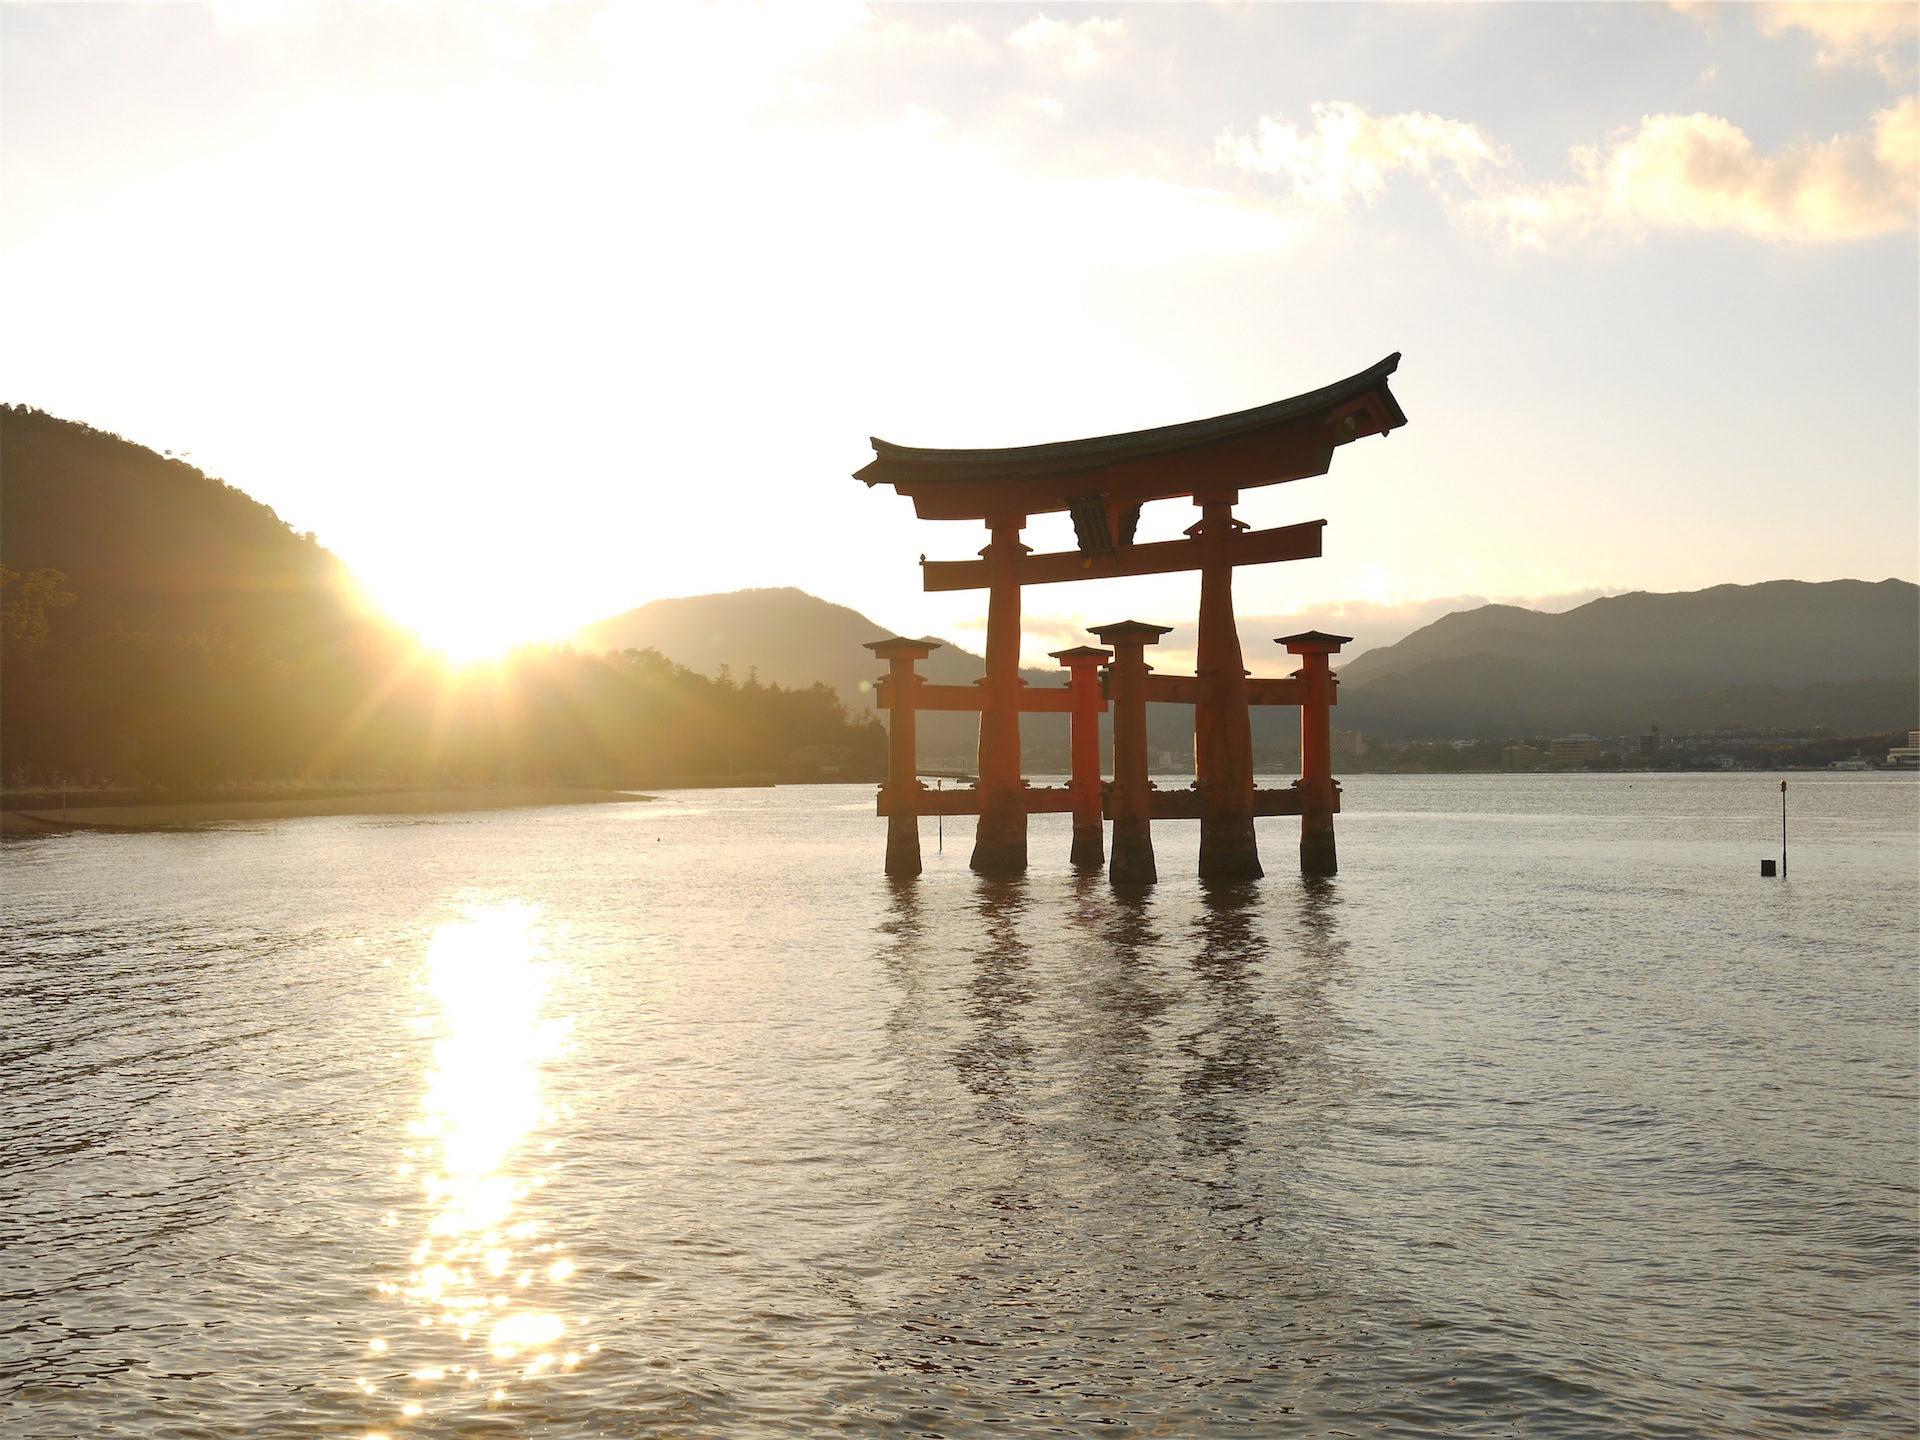 湖, 雕塑, japón, 太阳, naciente - 高清壁纸 - 教授-falken.com